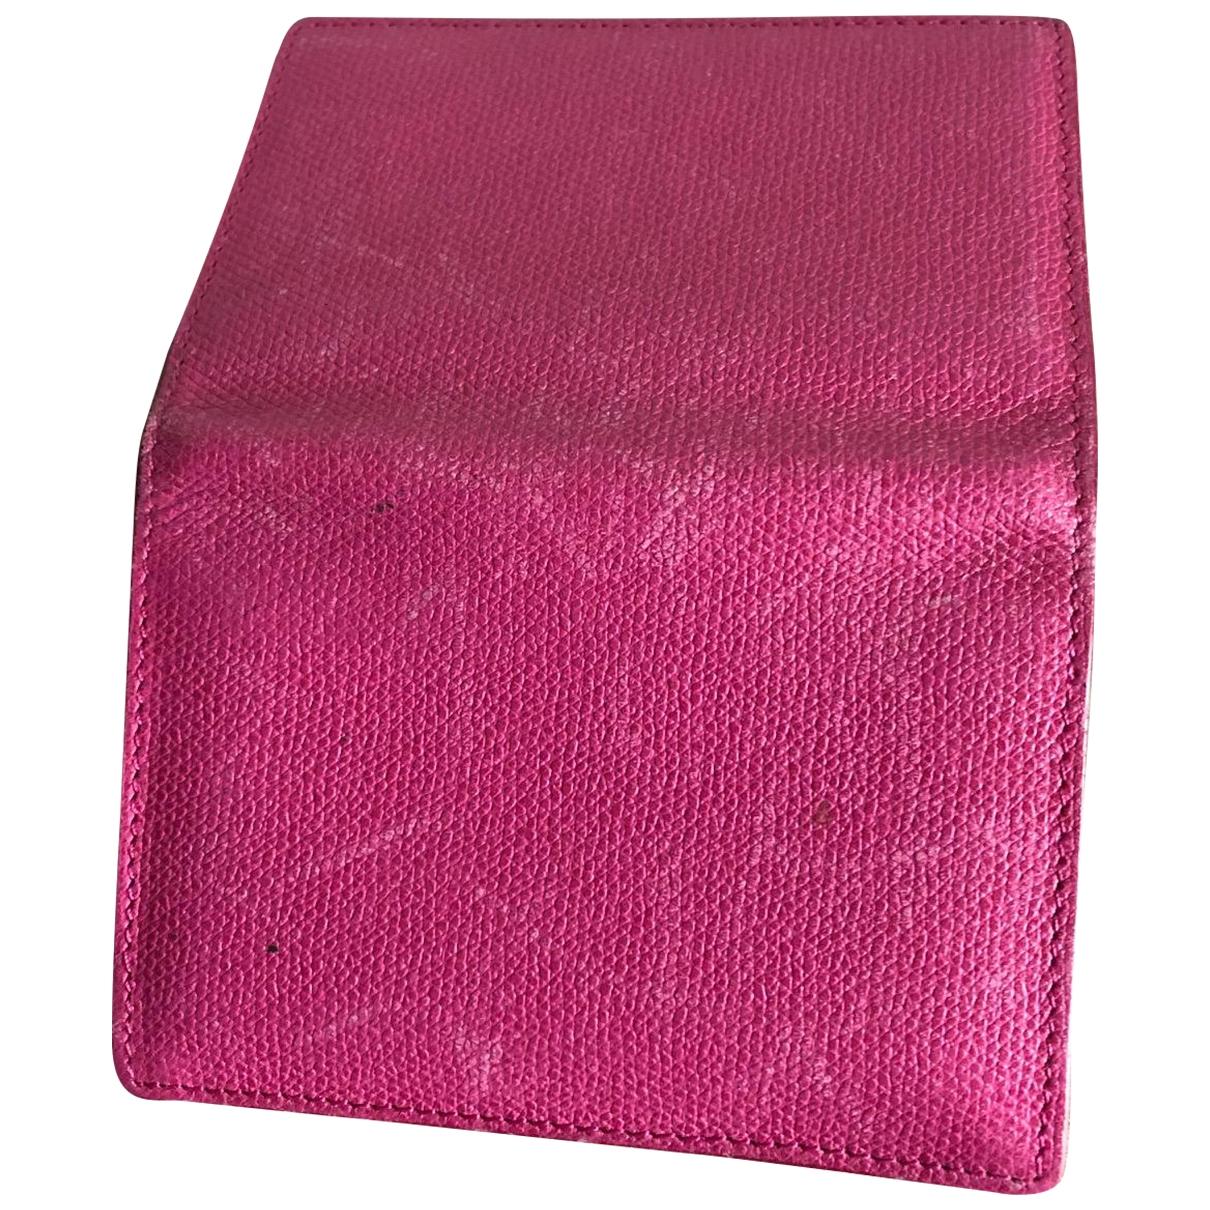 Smythson - Petite maroquinerie   pour femme en cuir - rose